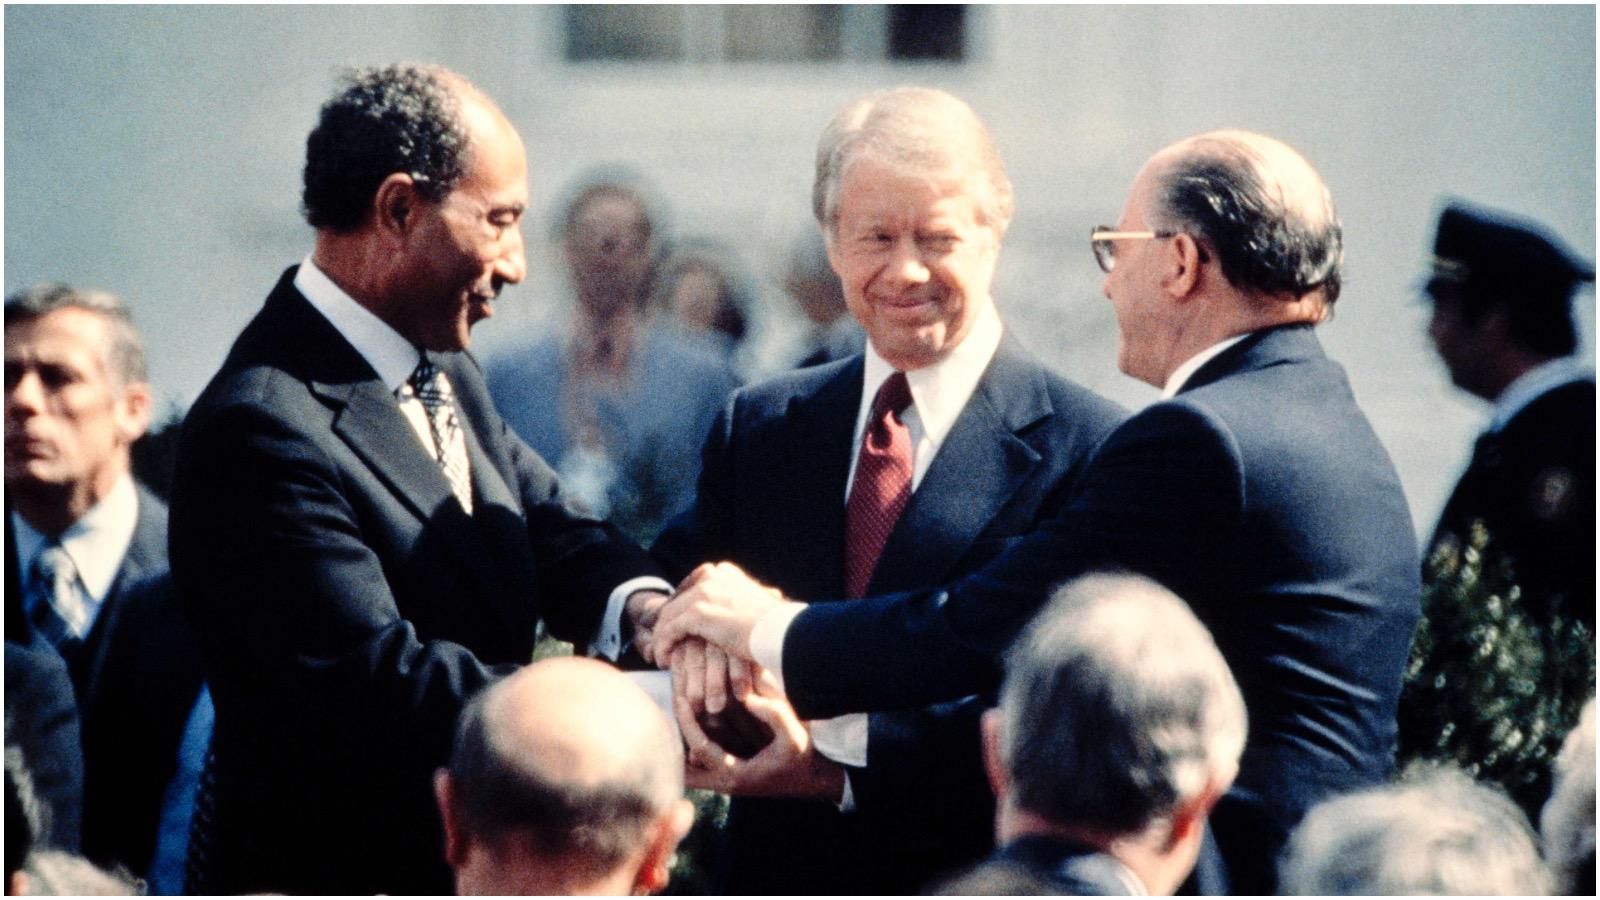 Hans Henrik Fafner om Israel/Palæstina: Camp David-aftalen for 40 år siden ødelagde forudsætningerne for fred